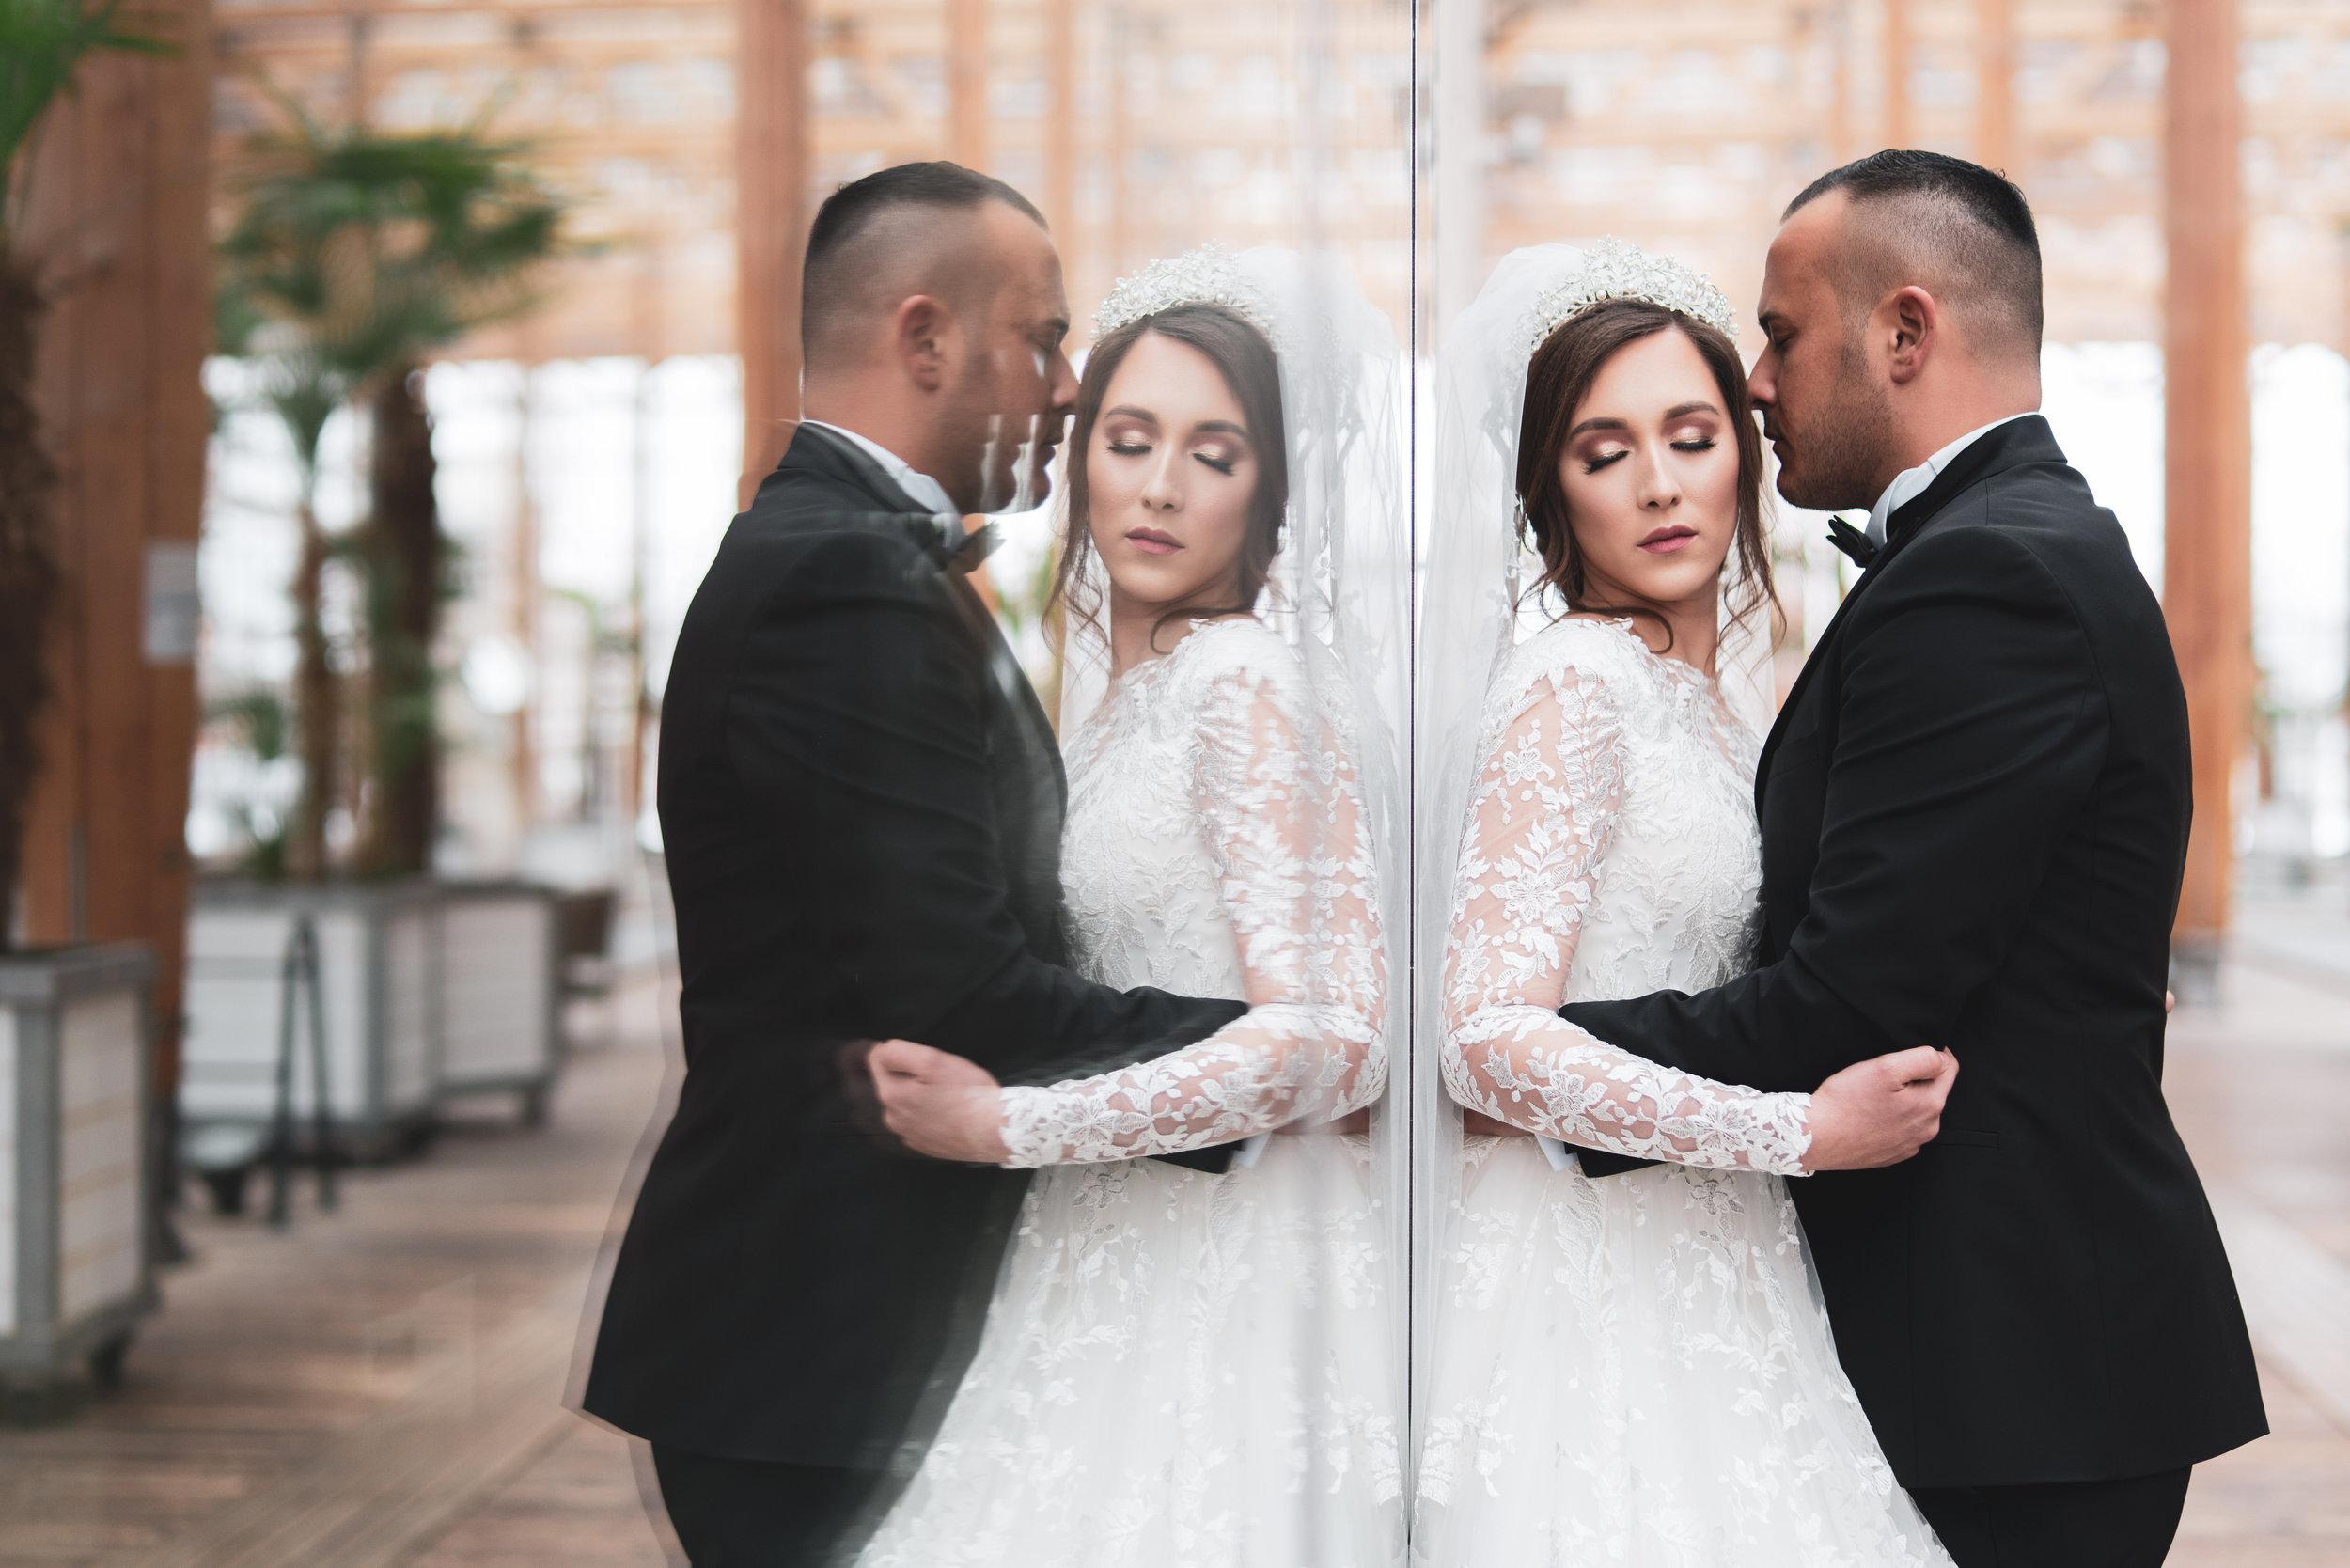 Spiegel Reflexion junges Brautpaar.jpg